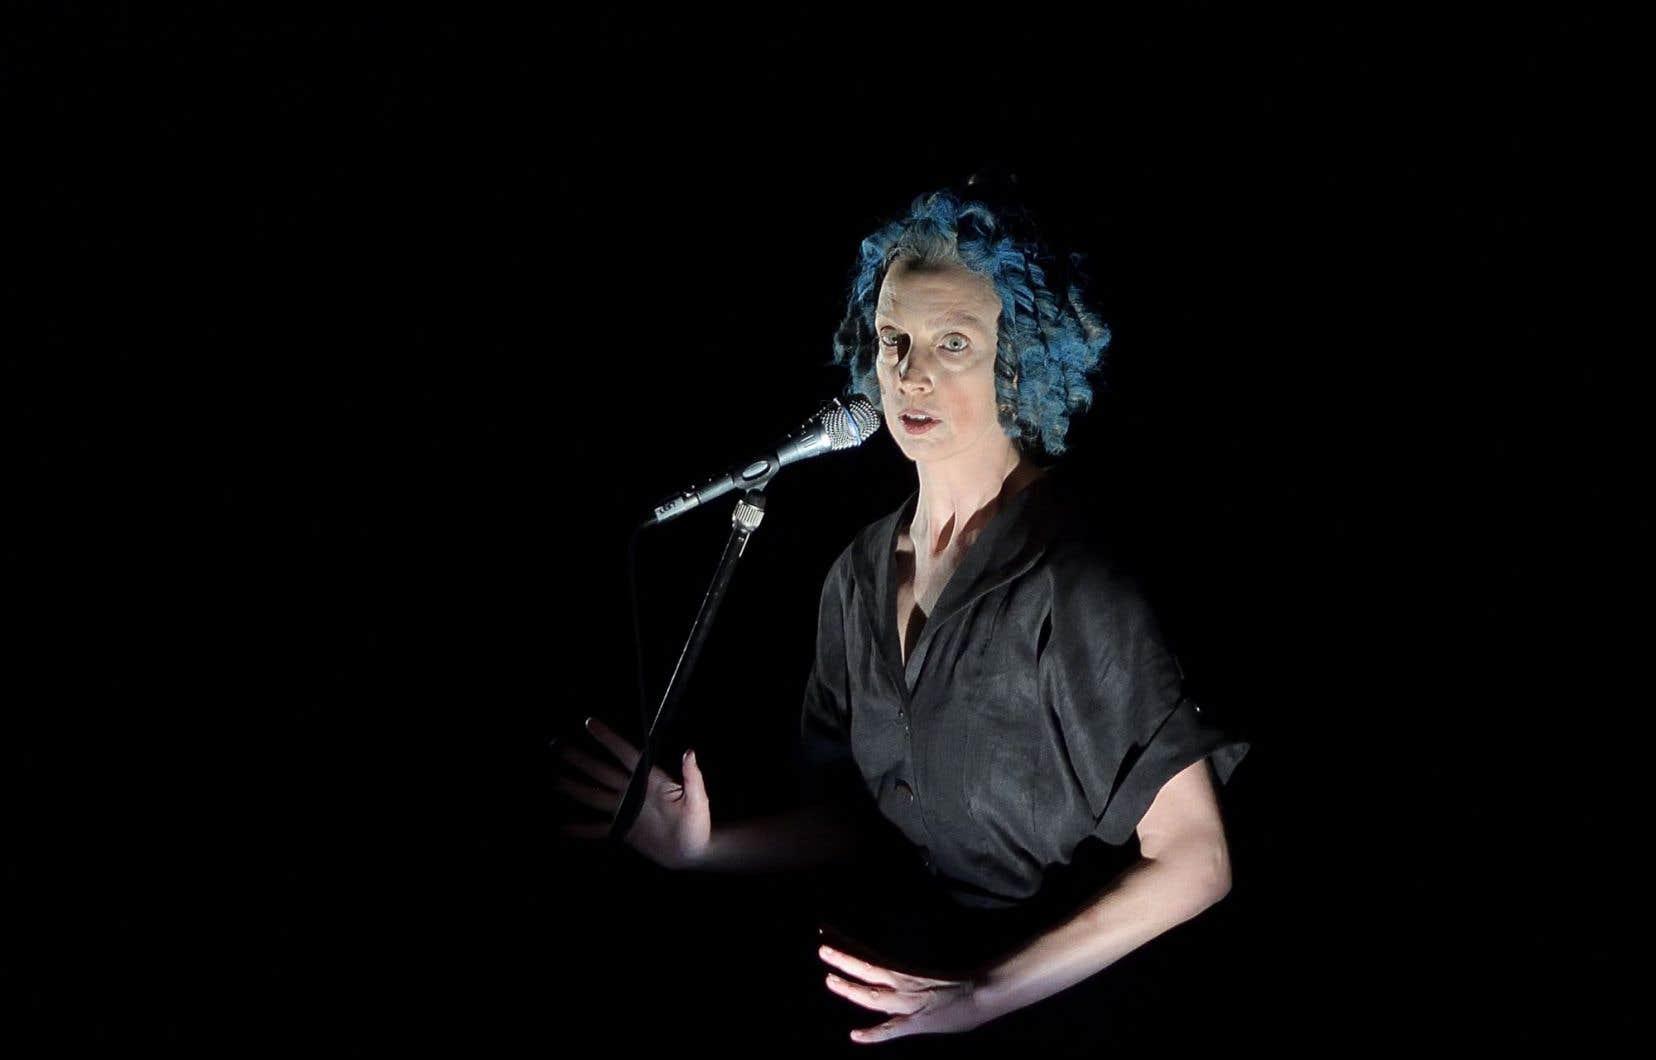 Sous sa perruque aux anglaises bleues et sa longue robe noire qui lui donnent un air de poupée Raggedy Ann bizarre, Leslie Baker hurle, mange des poupées de papier, montre sa fragilité en se collant des plumes au cou, lance des «jokes» de très mauvais goût, se perd dans sa paranoïa.